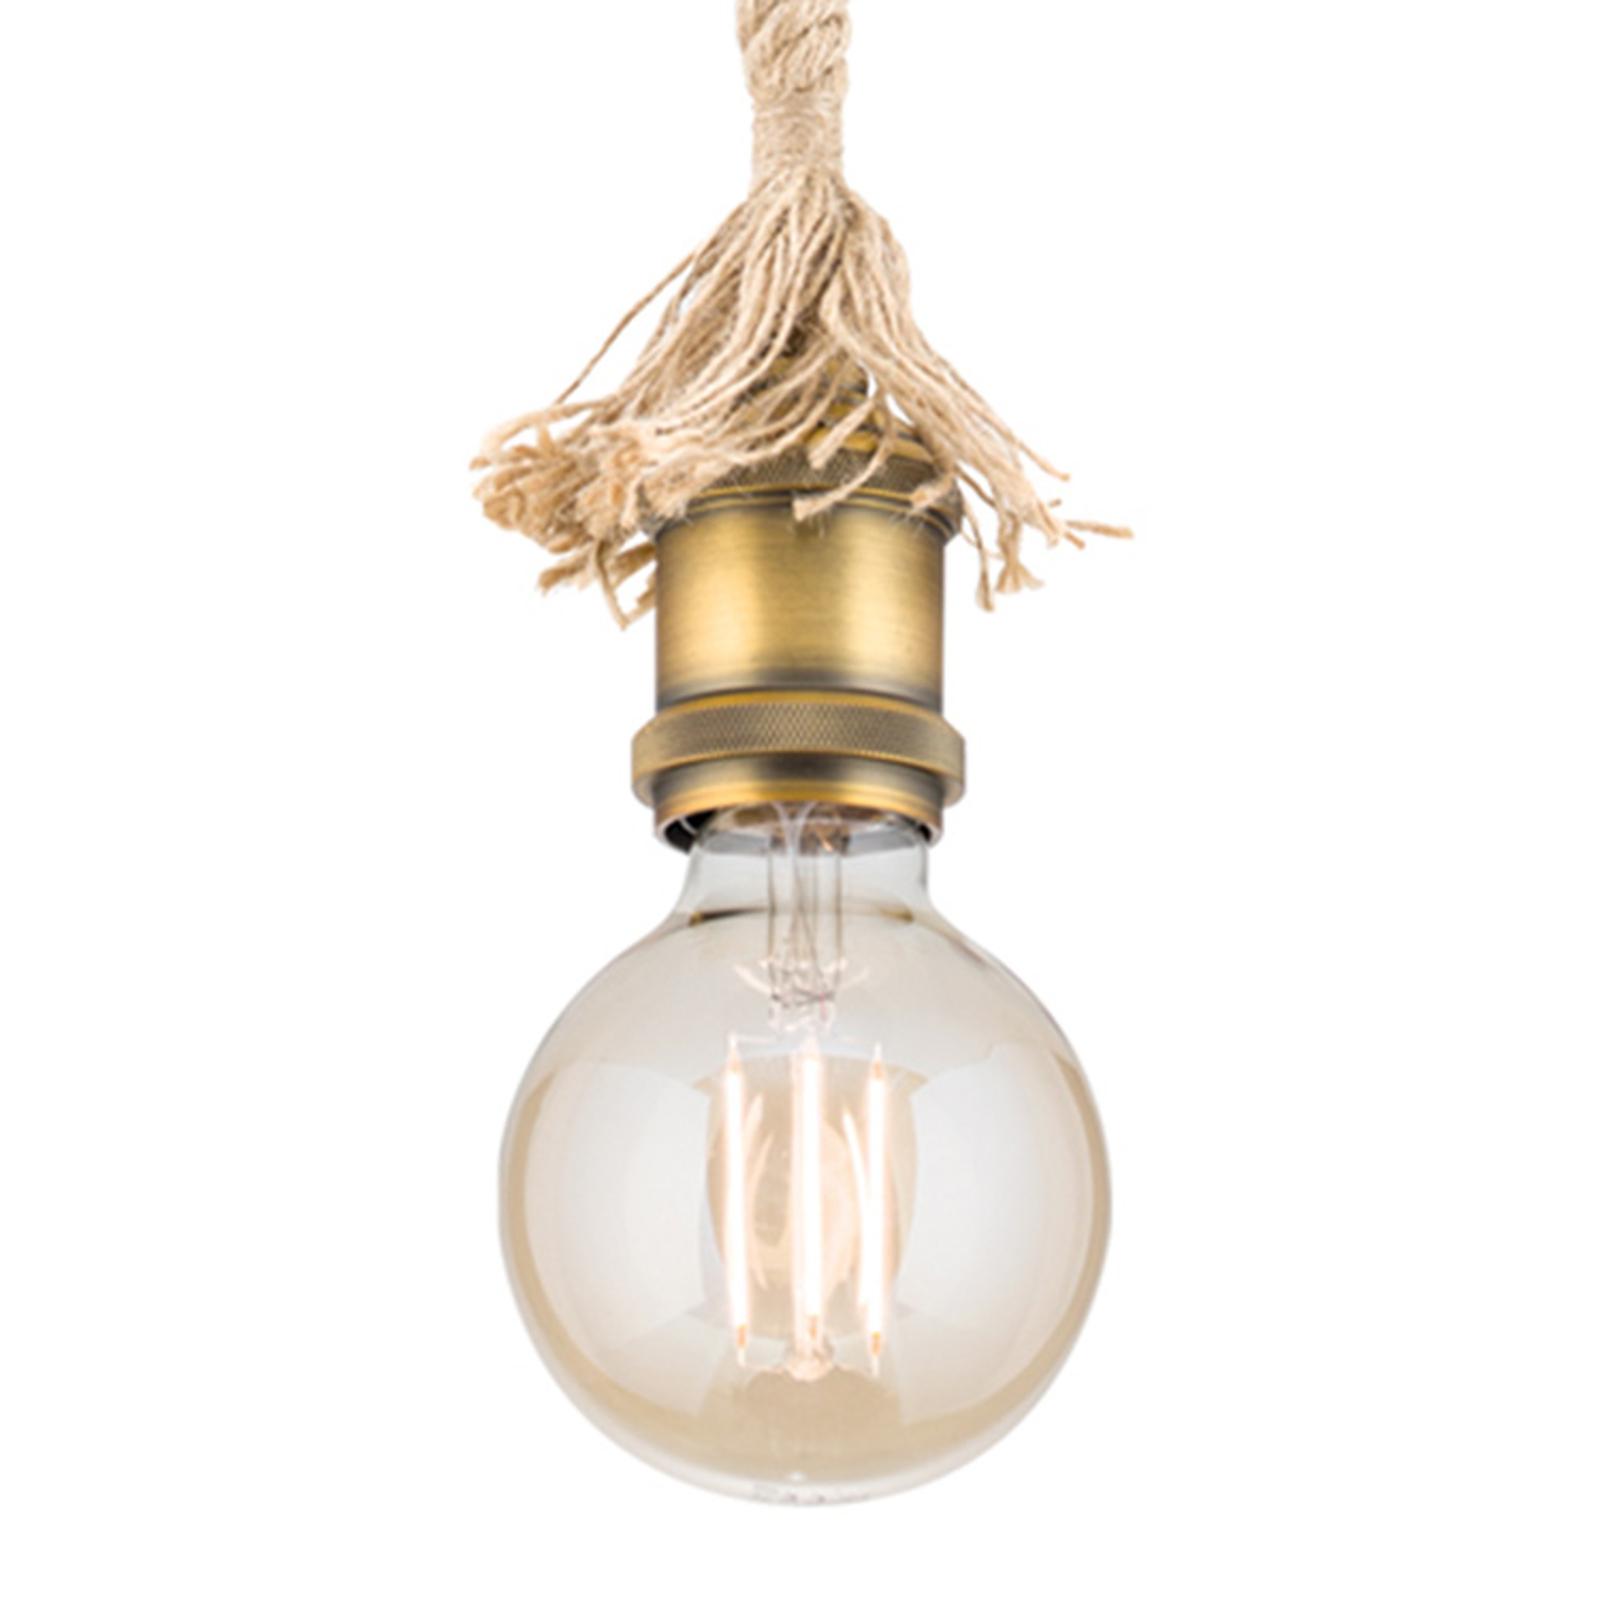 Lampa wisząca Bassena w stylu vintage